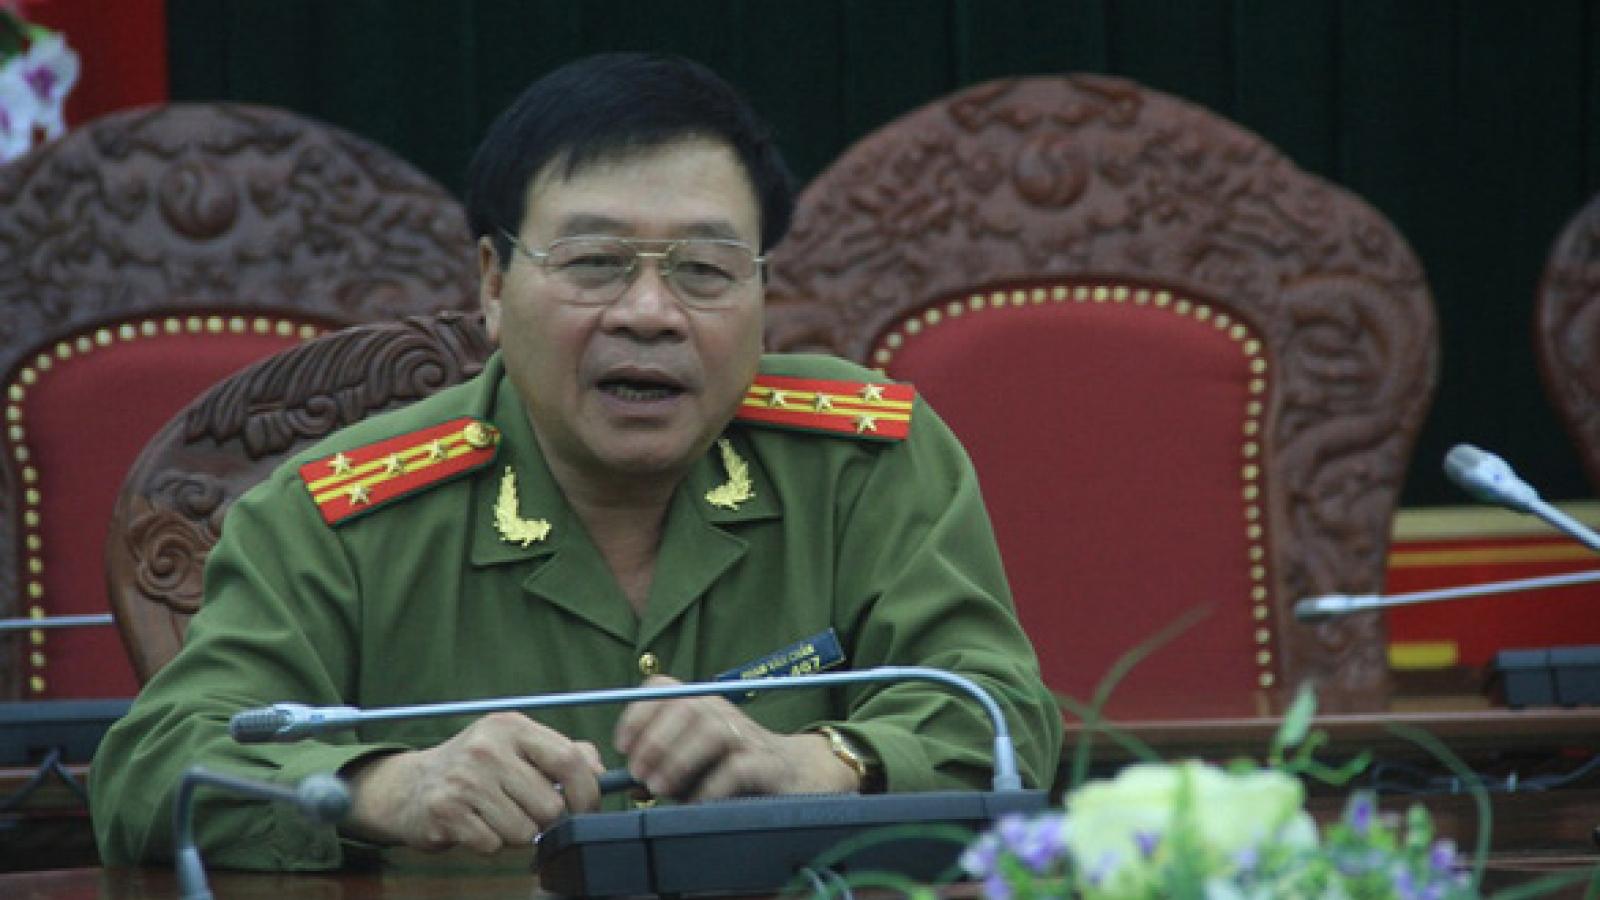 Kỷ luật nguyên Phó Giám đốc Công an tỉnh Gia Lai